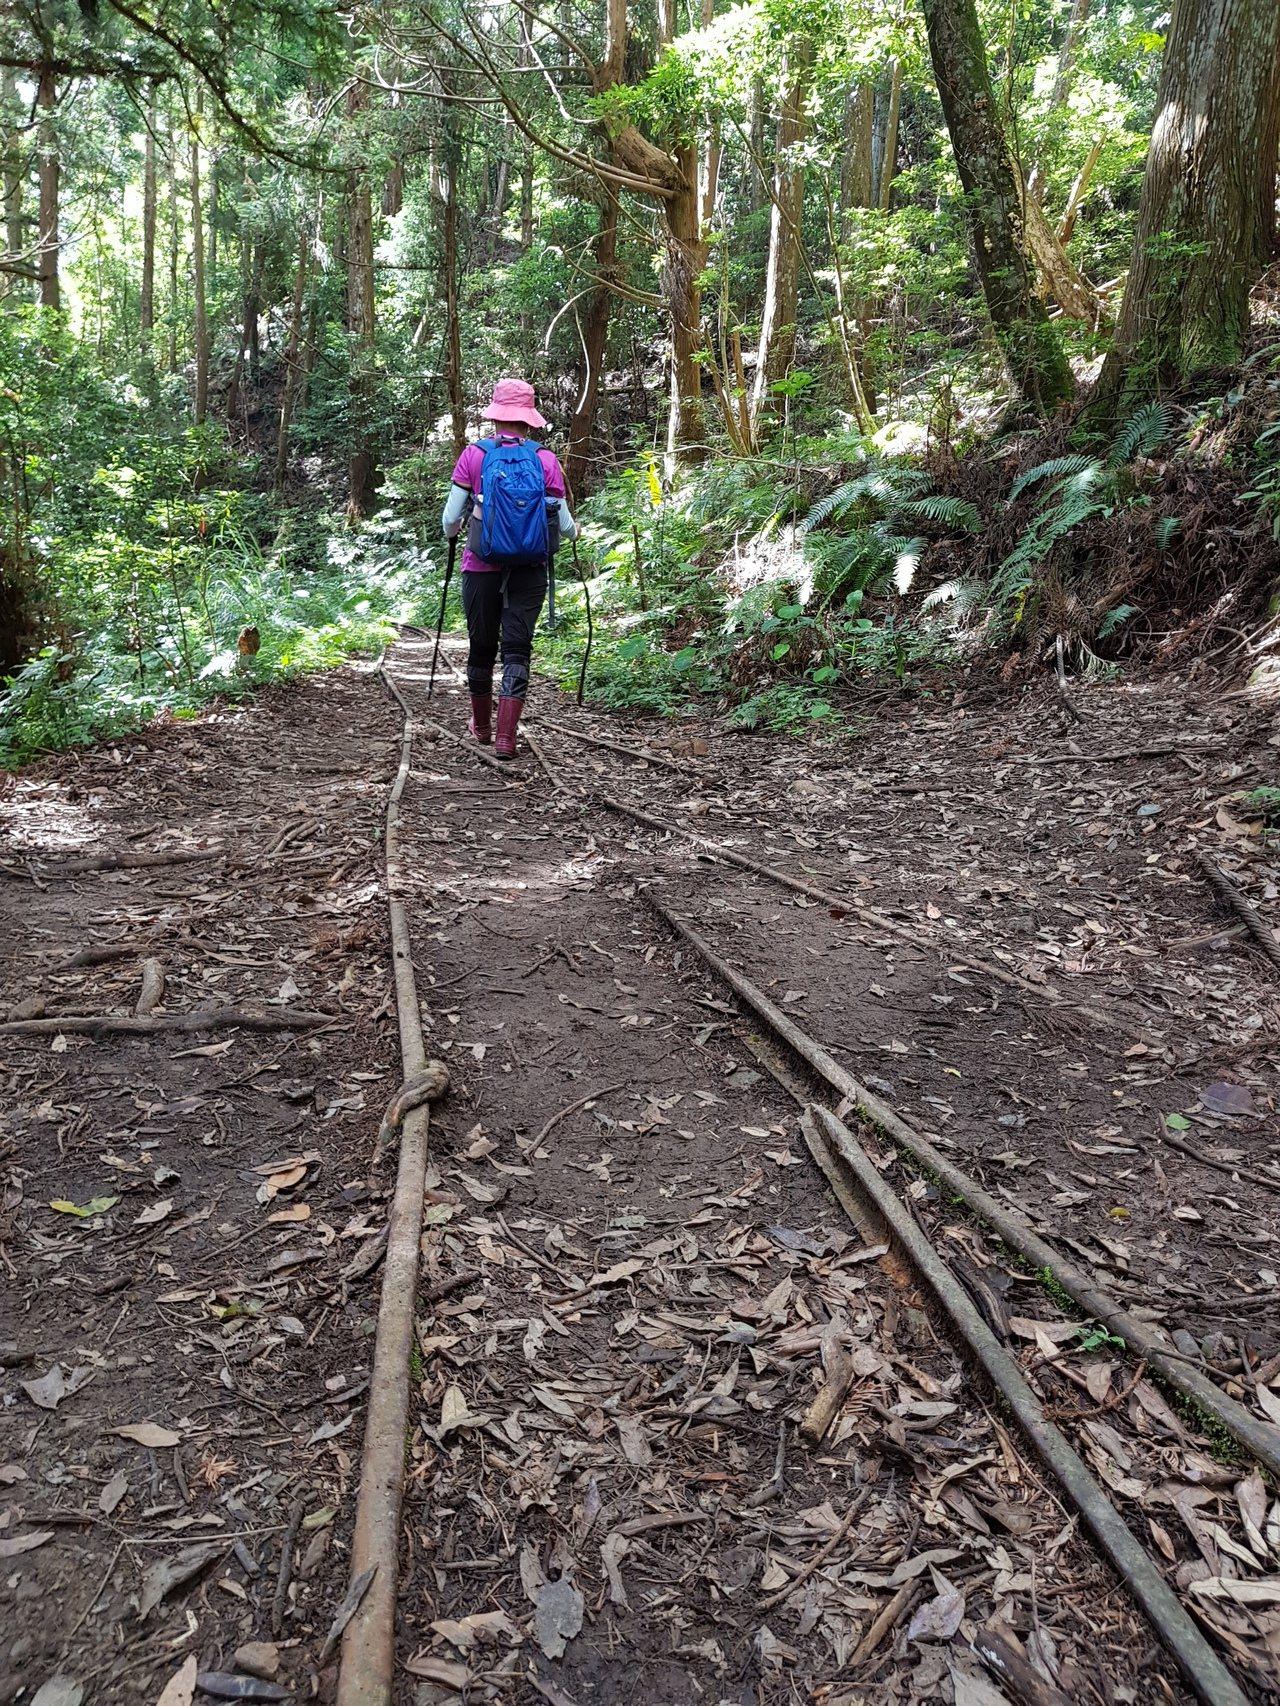 走在廢棄的台車軌道,感受林間鐵道風情。記者黃瑞典/攝影